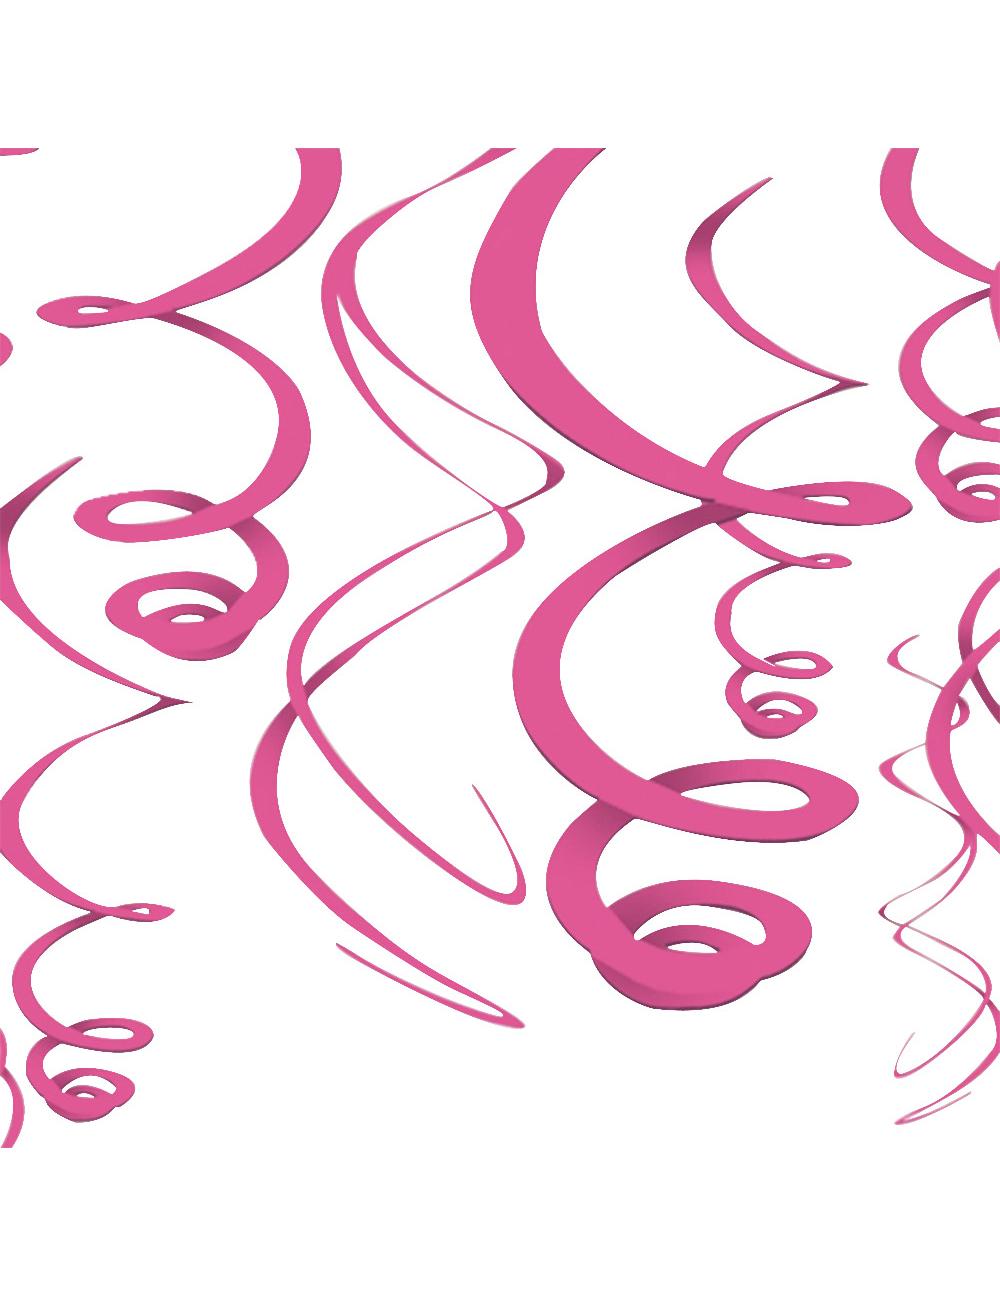 D corations suspendre rose achat de decoration animation sur vegaoopro - Decoration a suspendre ...